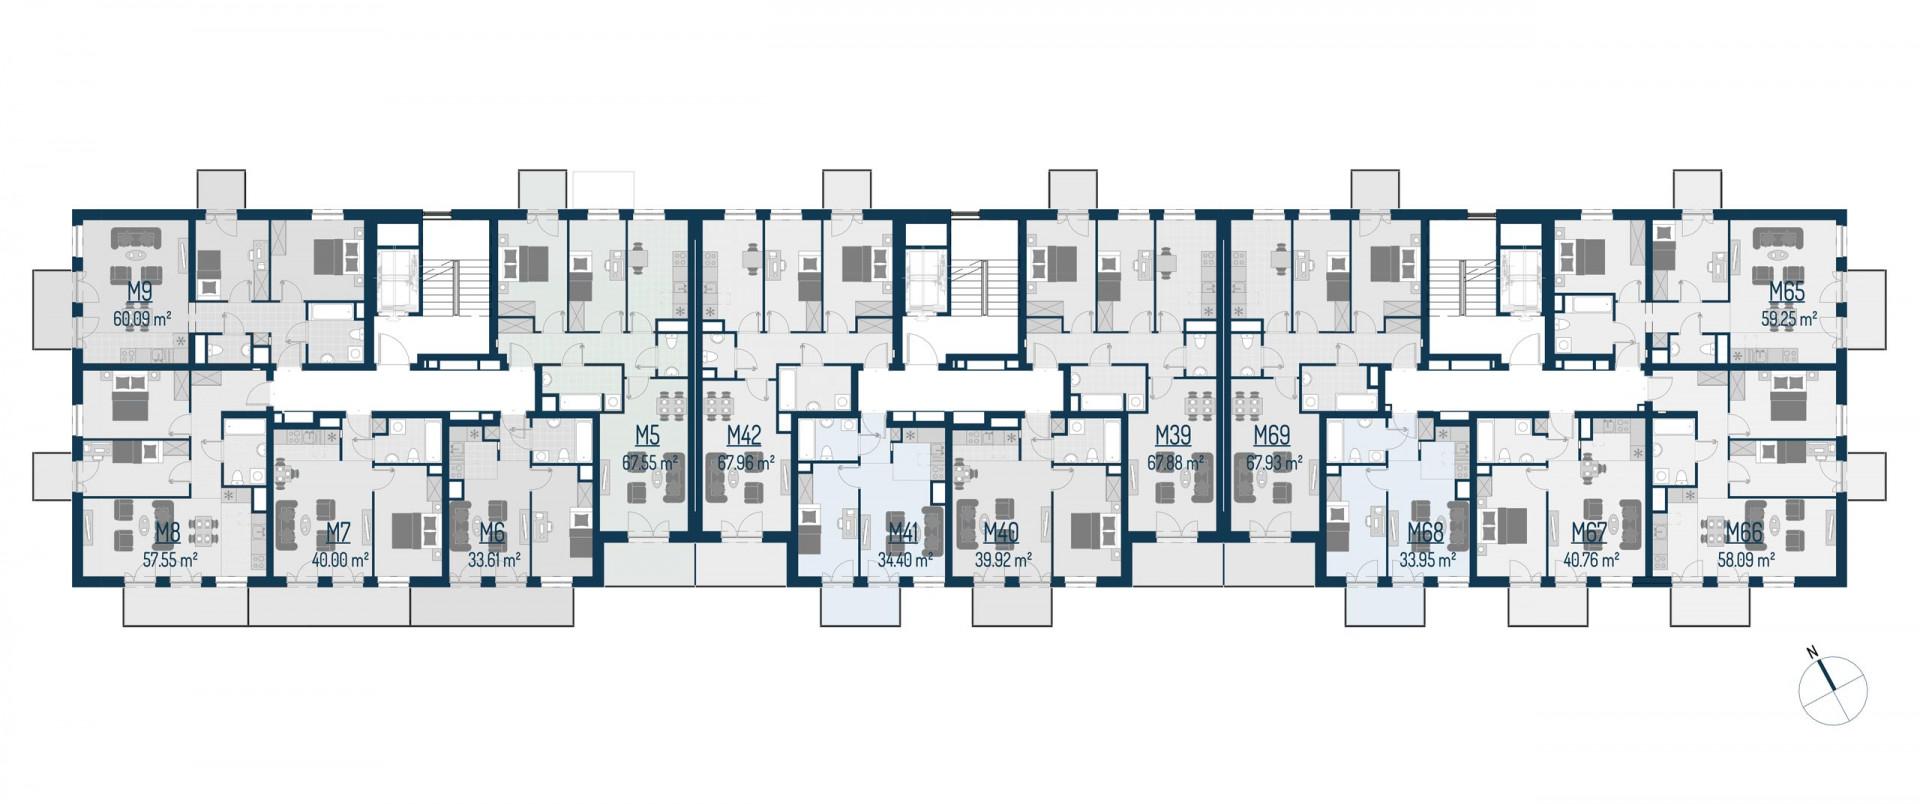 Zdrowe Stylove / budynek 1 / mieszkanie nr M8 rzut 2